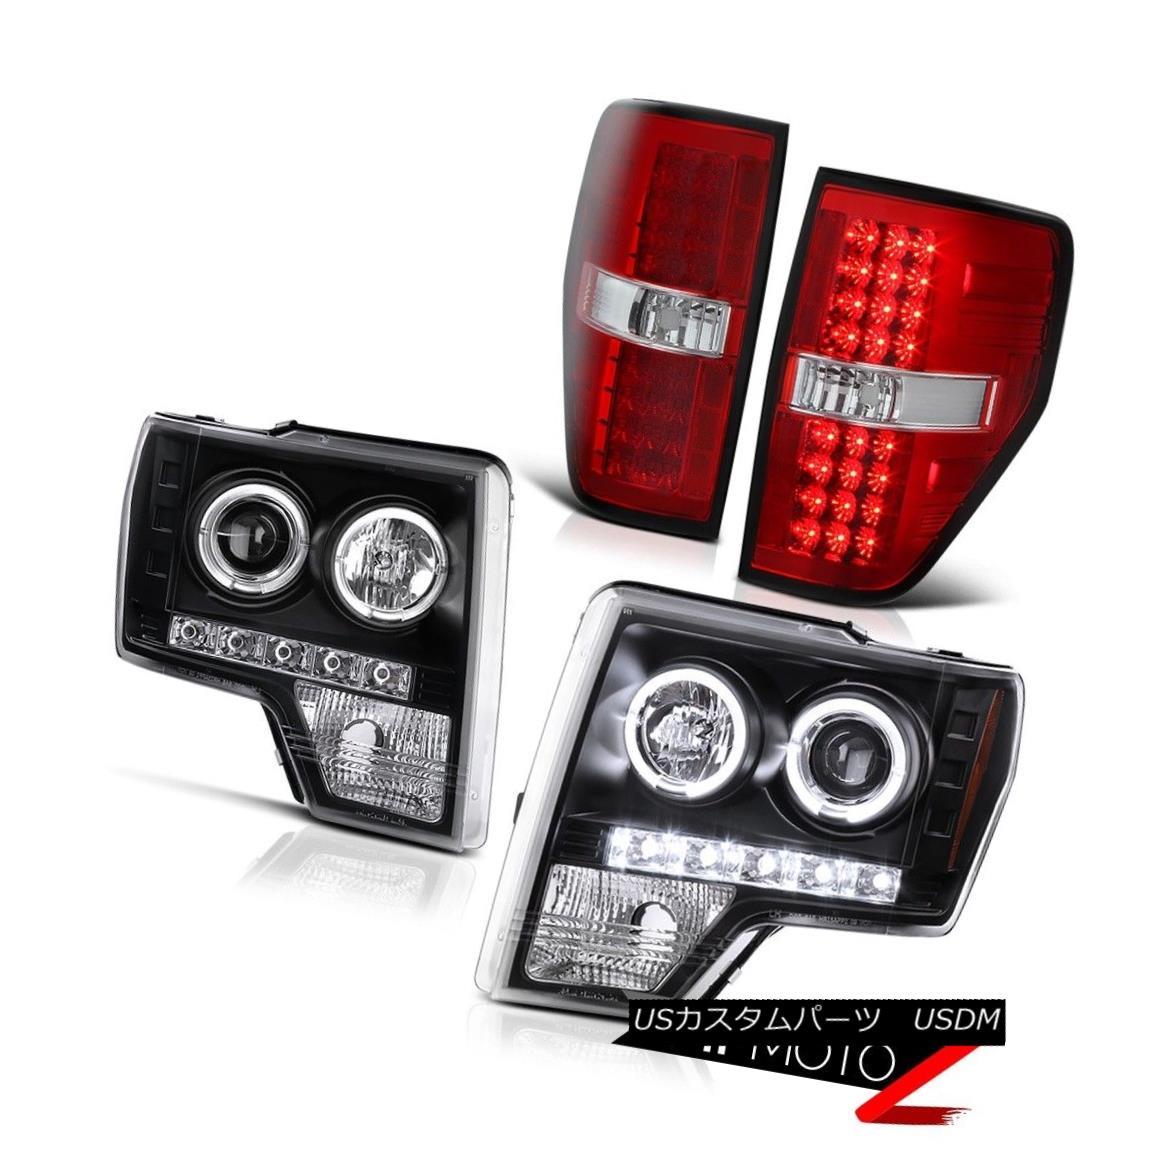 テールライト 2009-2014 Ford F150 V8 Black HaLo Projector Headlight+{BEST} LED Tail Light Lamp 2009-2014フォードF150 V8ブラックハロープロジェクターヘッドライト{BEST T} LEDテールライトランプ